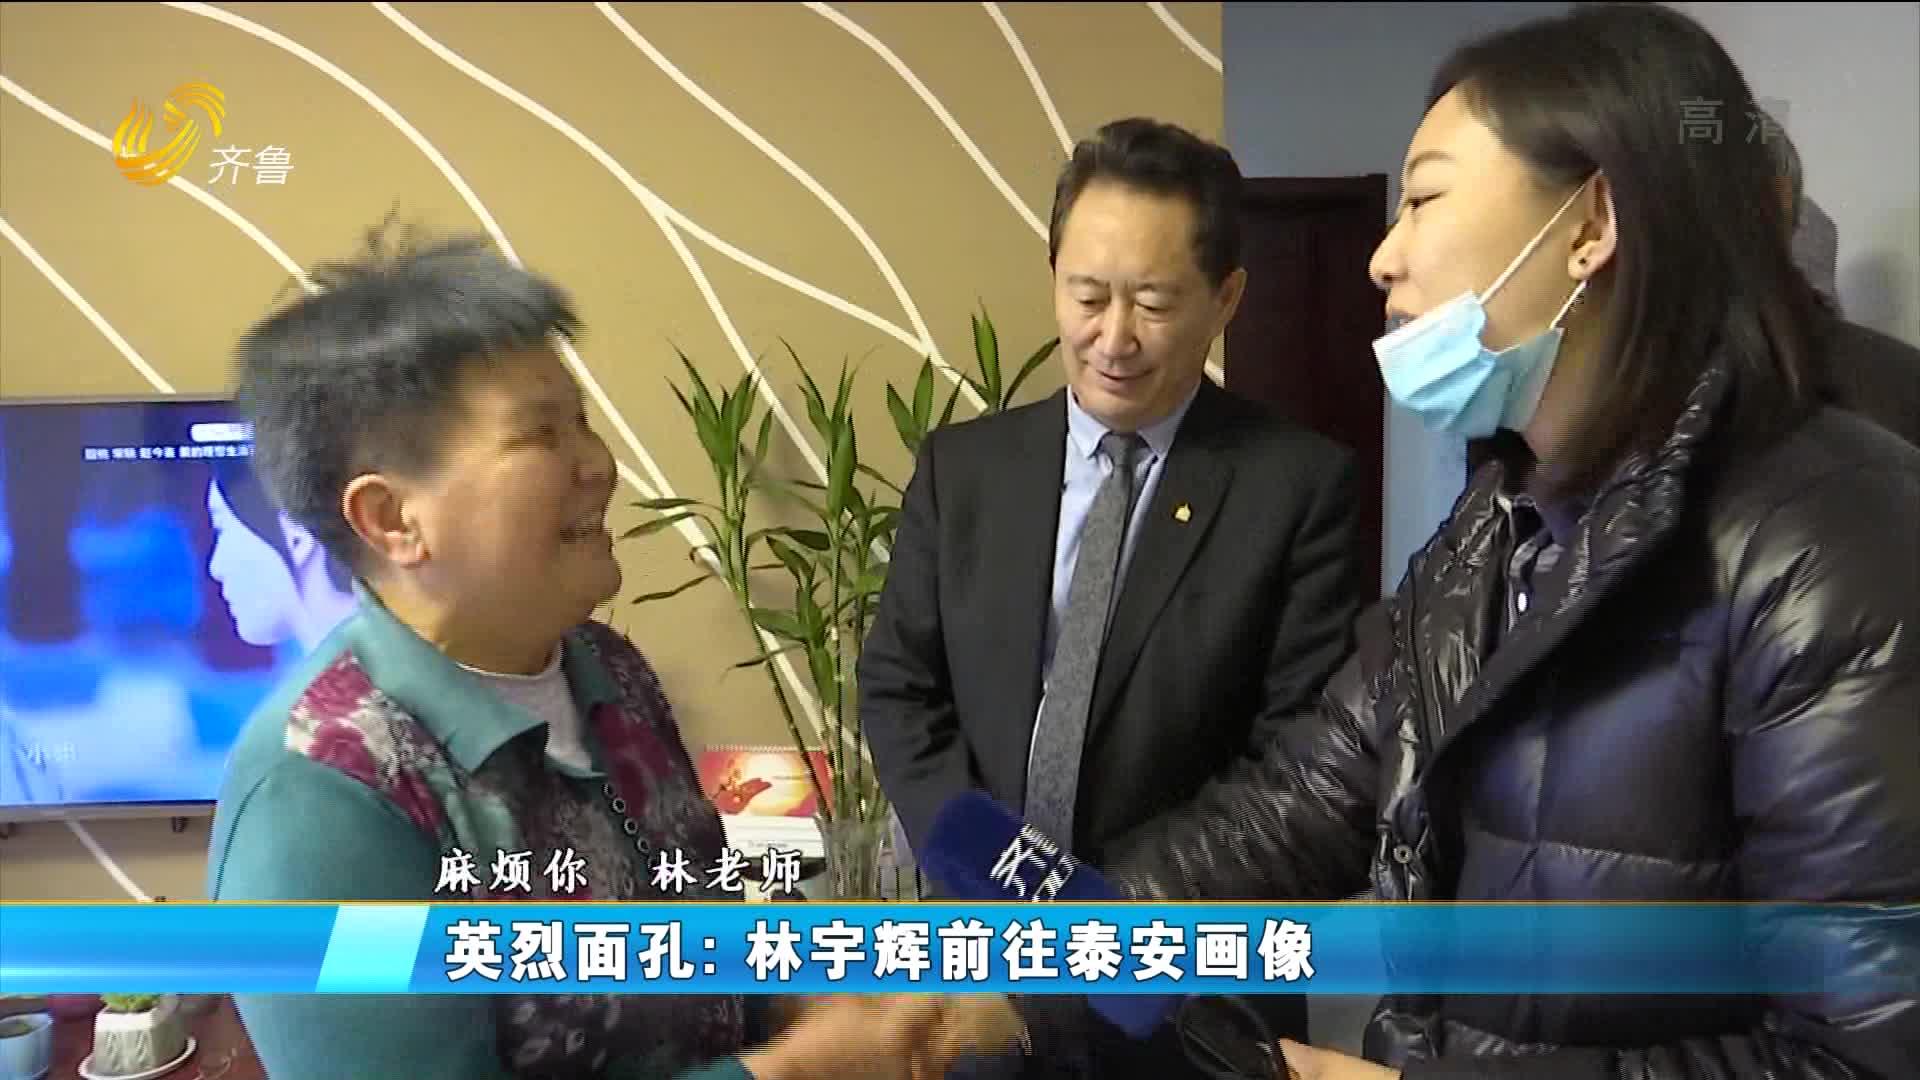 英烈面孔:林宇辉前往泰安画像